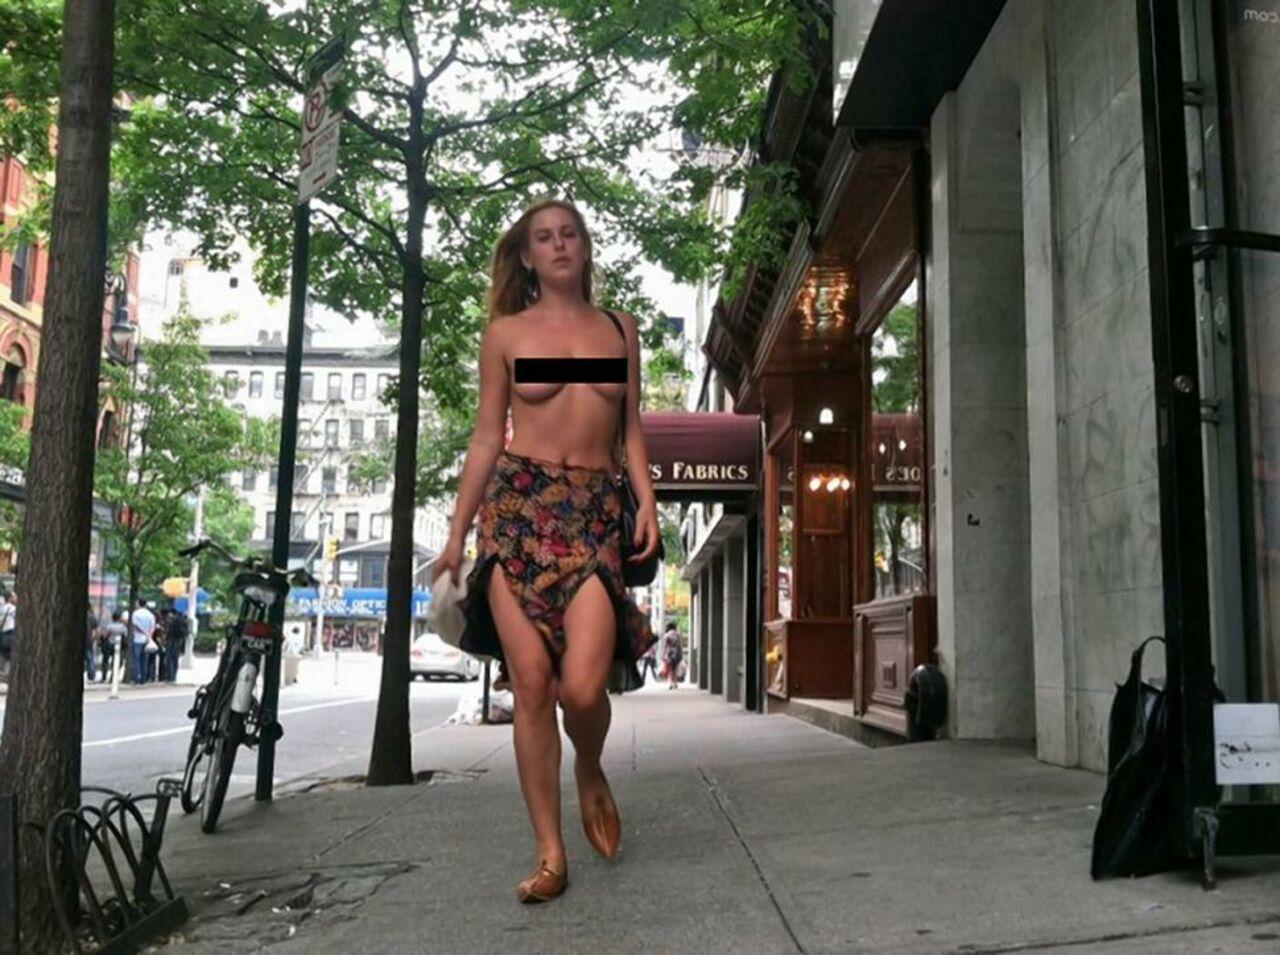 Італійки секс в барах онлайн 2 фотография